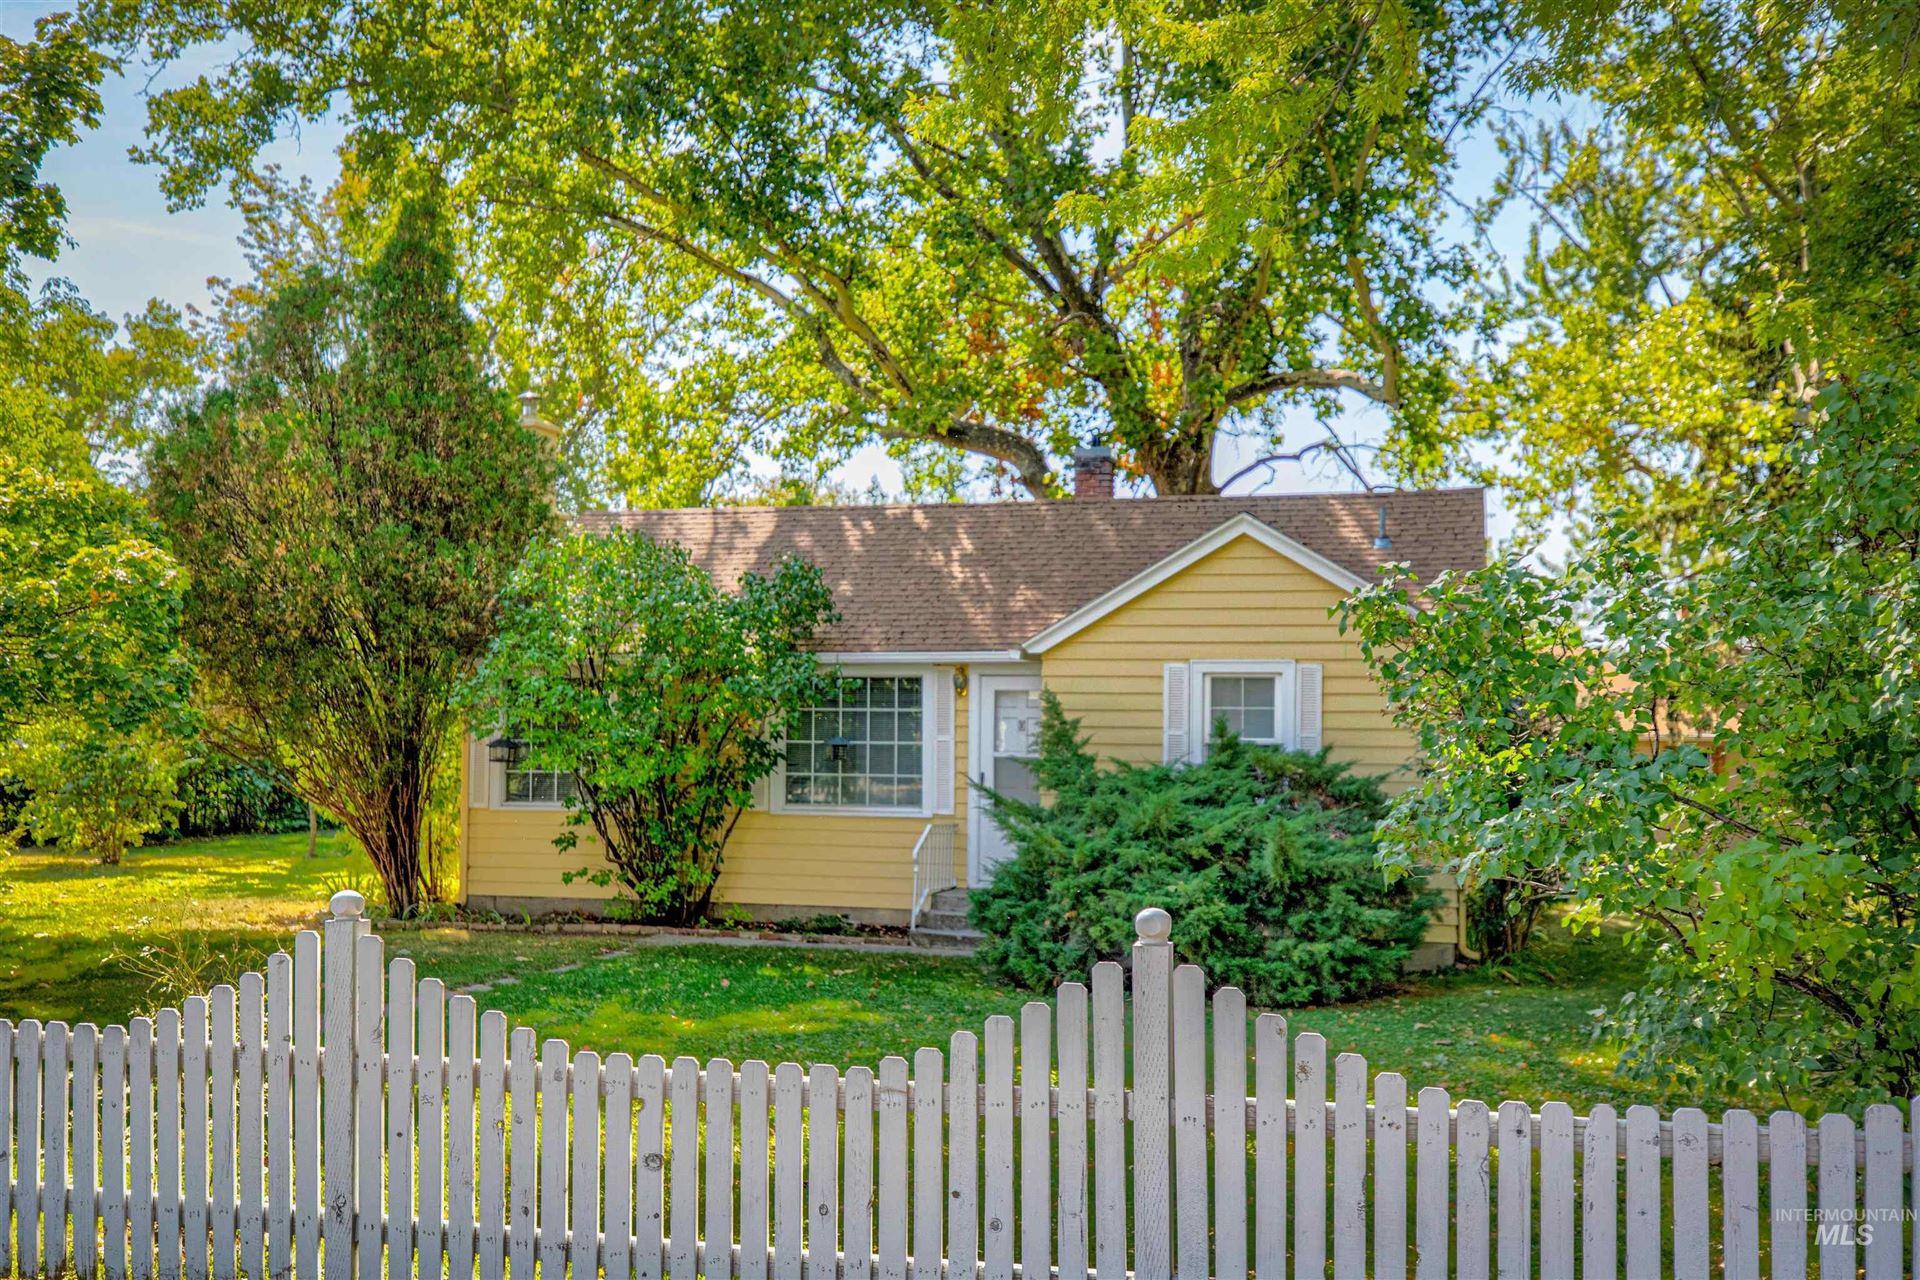 115 W Idaho Blvd, Emmett, ID 83617 - MLS#: 98820558